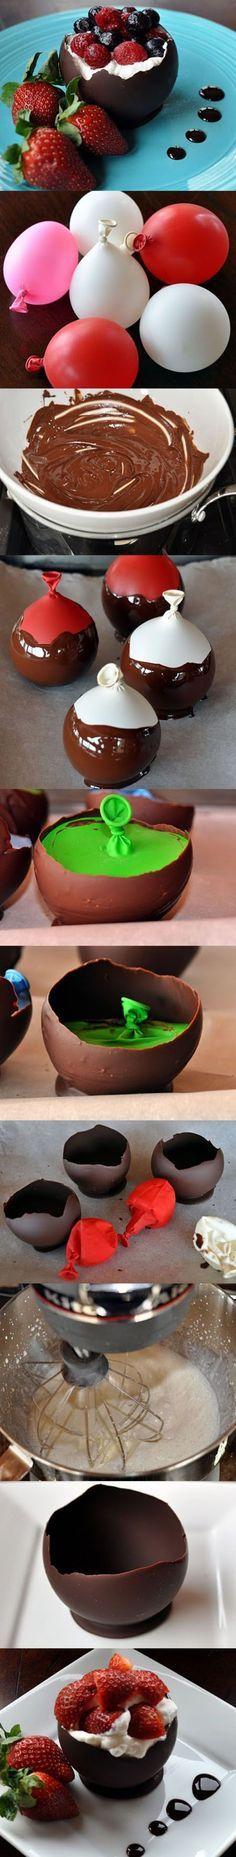 Superbe idée d'utilisation du candy melt